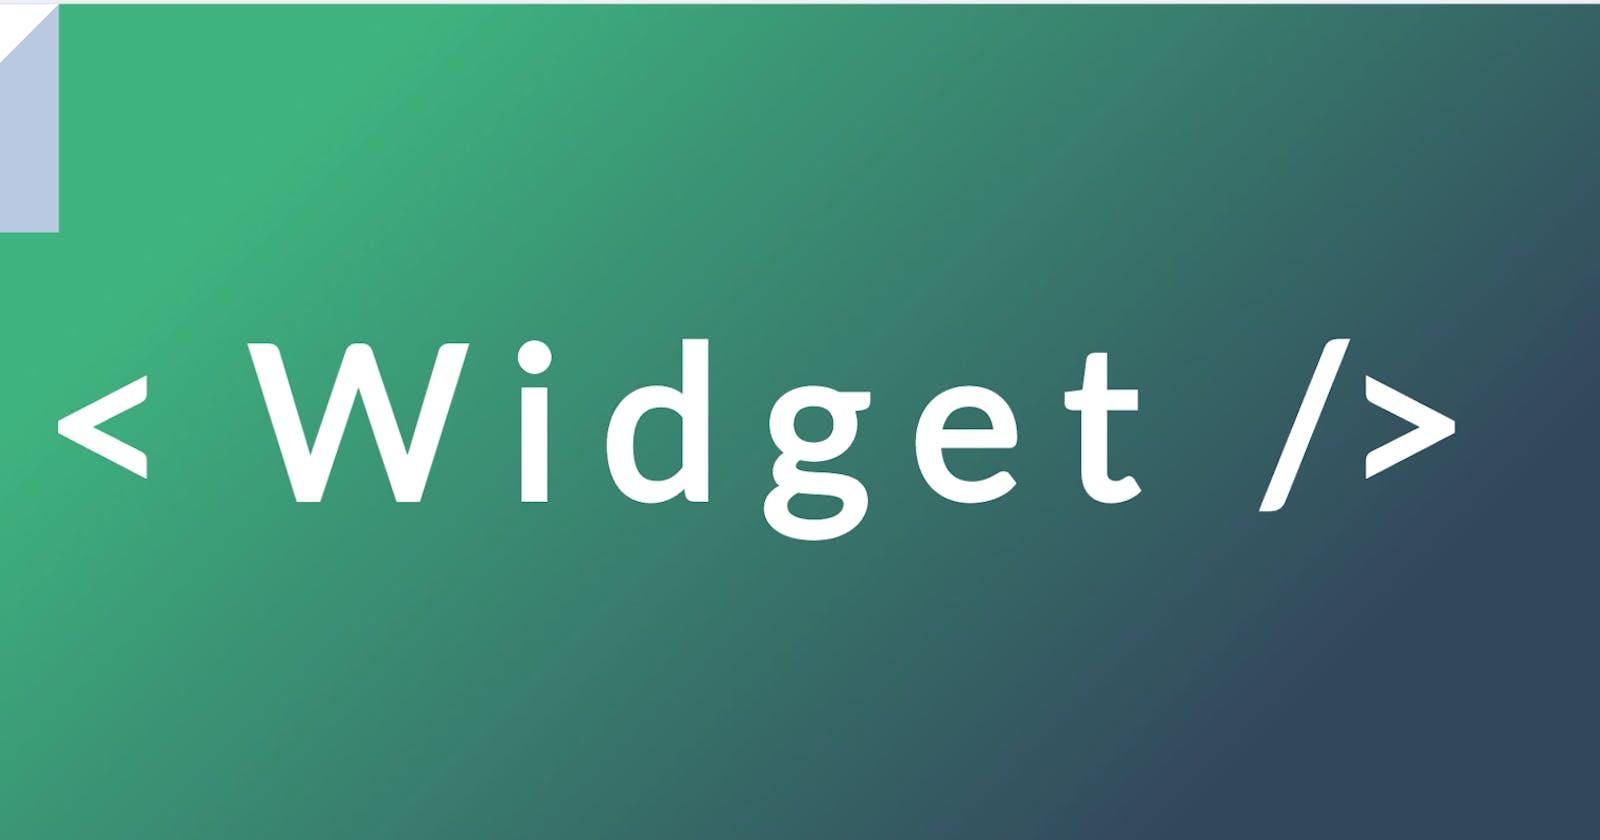 Implementing External Widgets in Vue.js